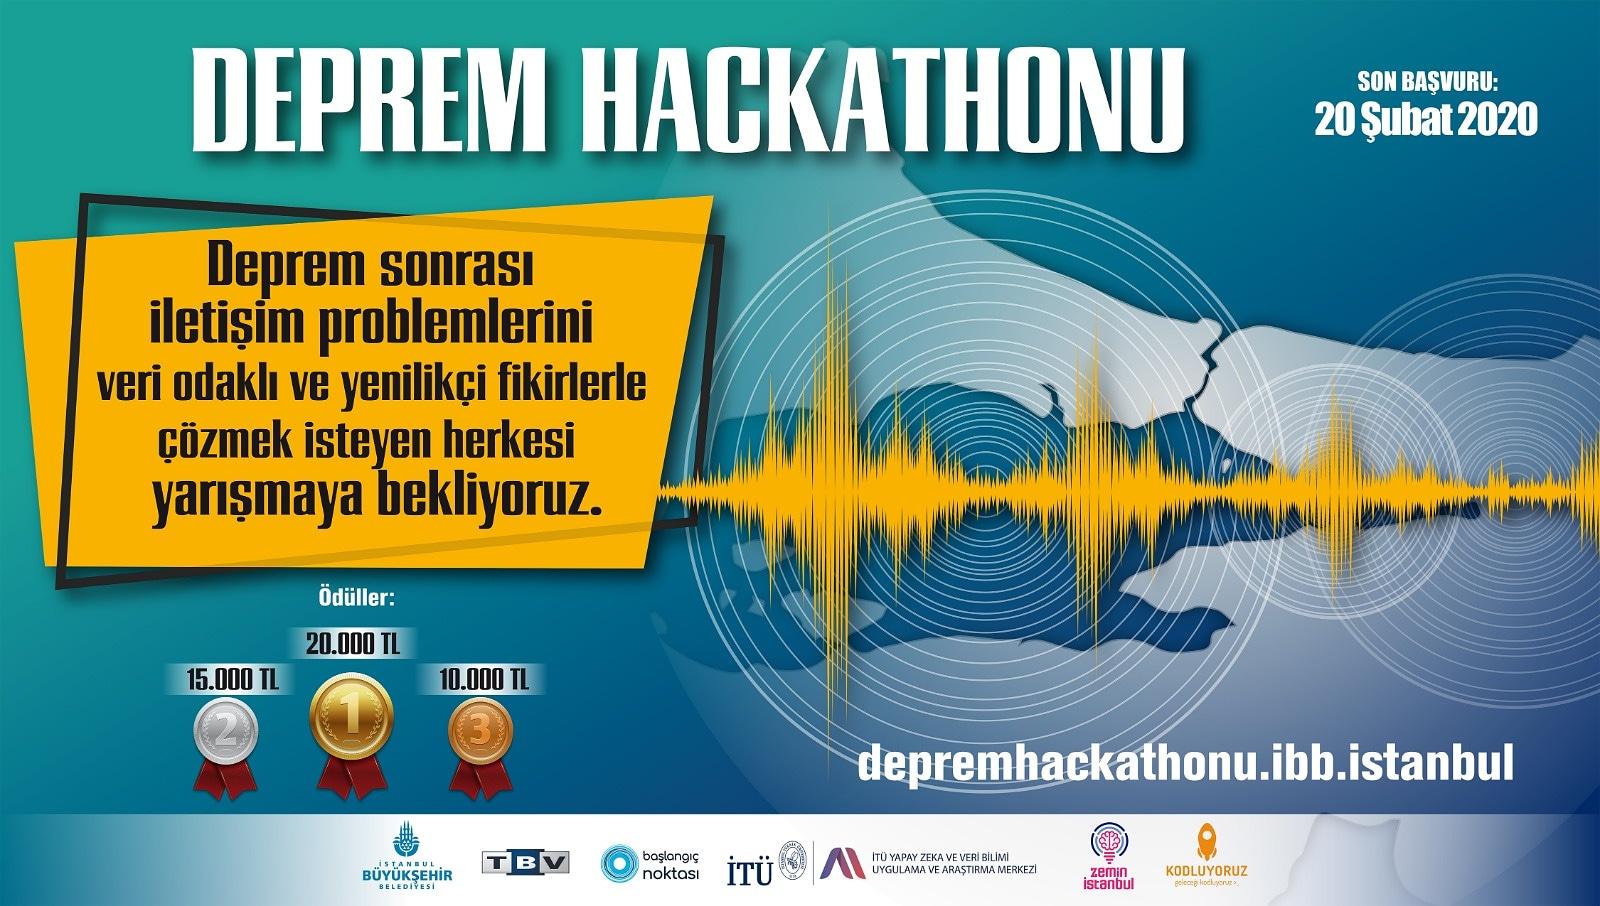 deprem-hackathon